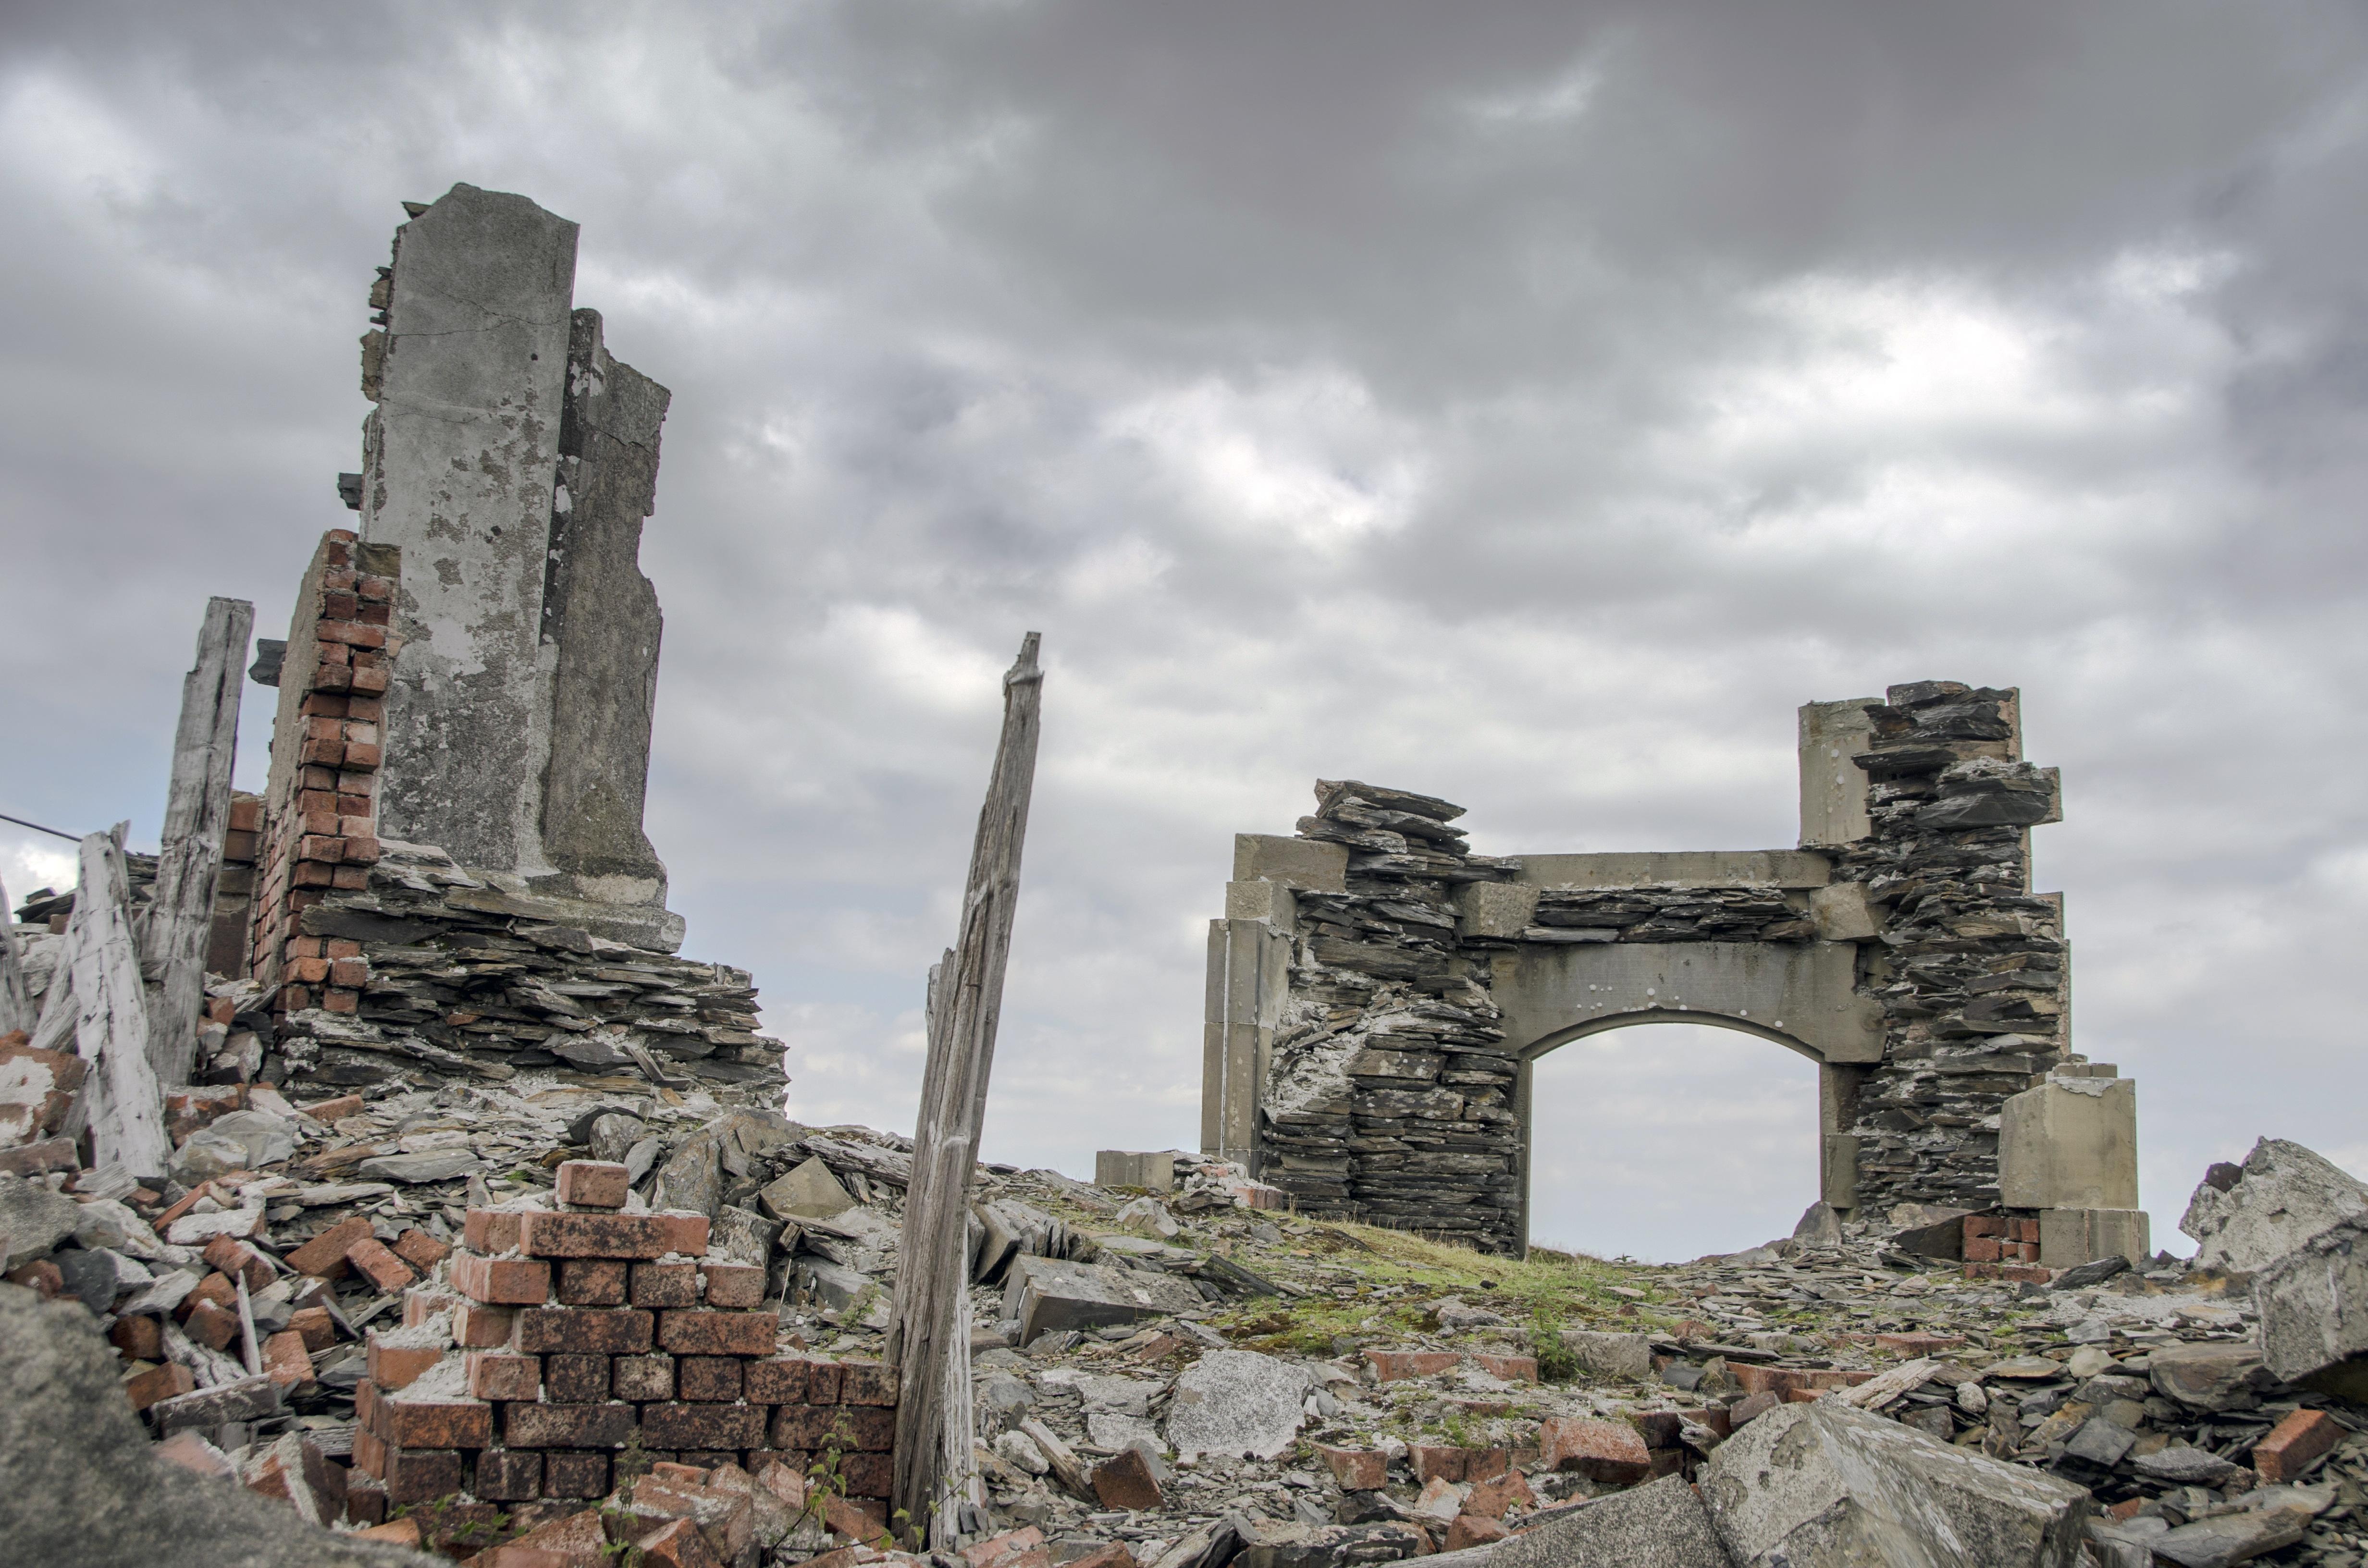 старинные руины фото это придаст мощный